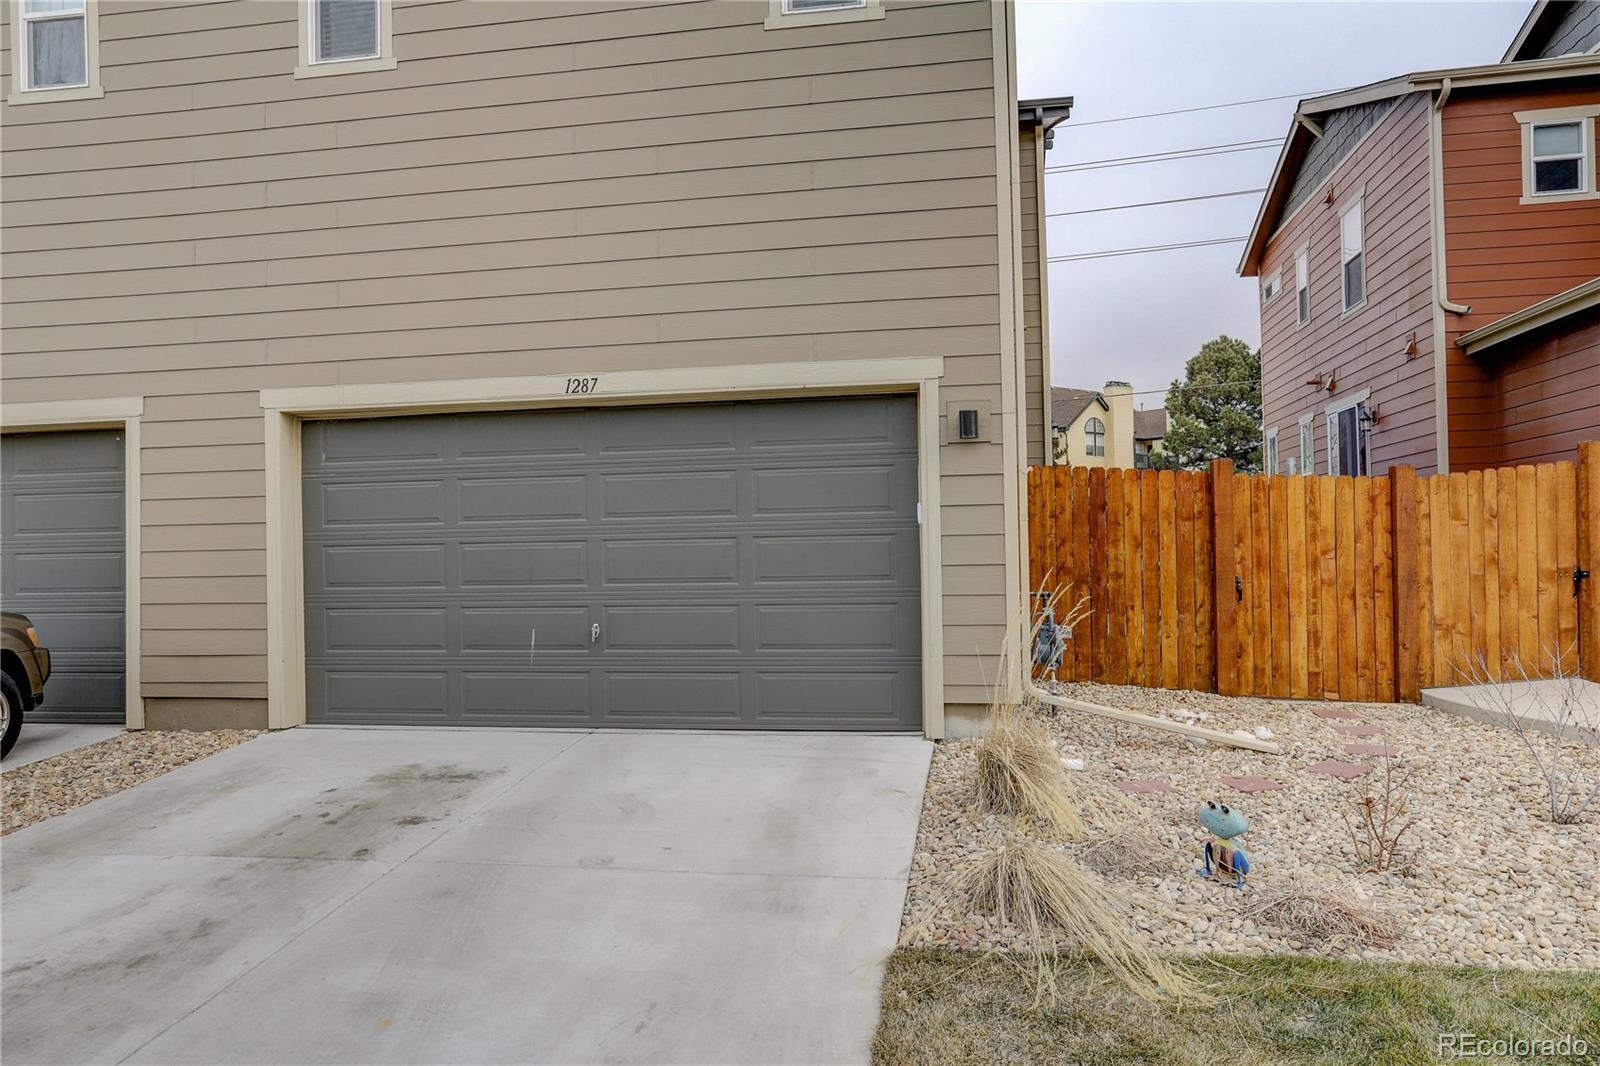 MLS# 4345402 - 32 - 1287 S Dayton Street, Denver, CO 80247